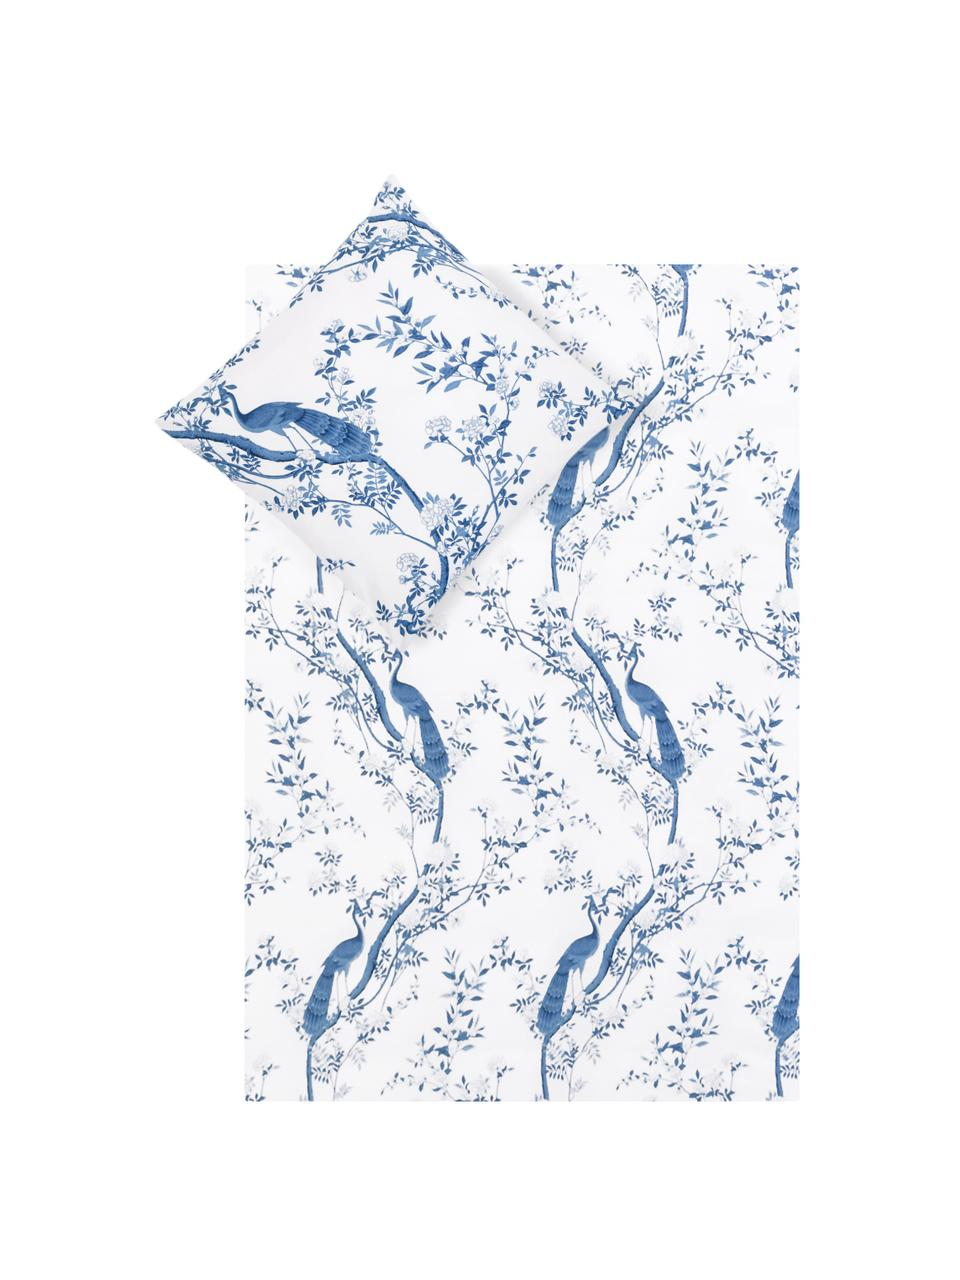 Baumwollperkal-Bettwäsche Annabelle mit floraler Zeichnung, Webart: Perkal Fadendichte 200 TC, Blau, Weiß, 135 x 200 cm + 1 Kissen 80 x 80 cm